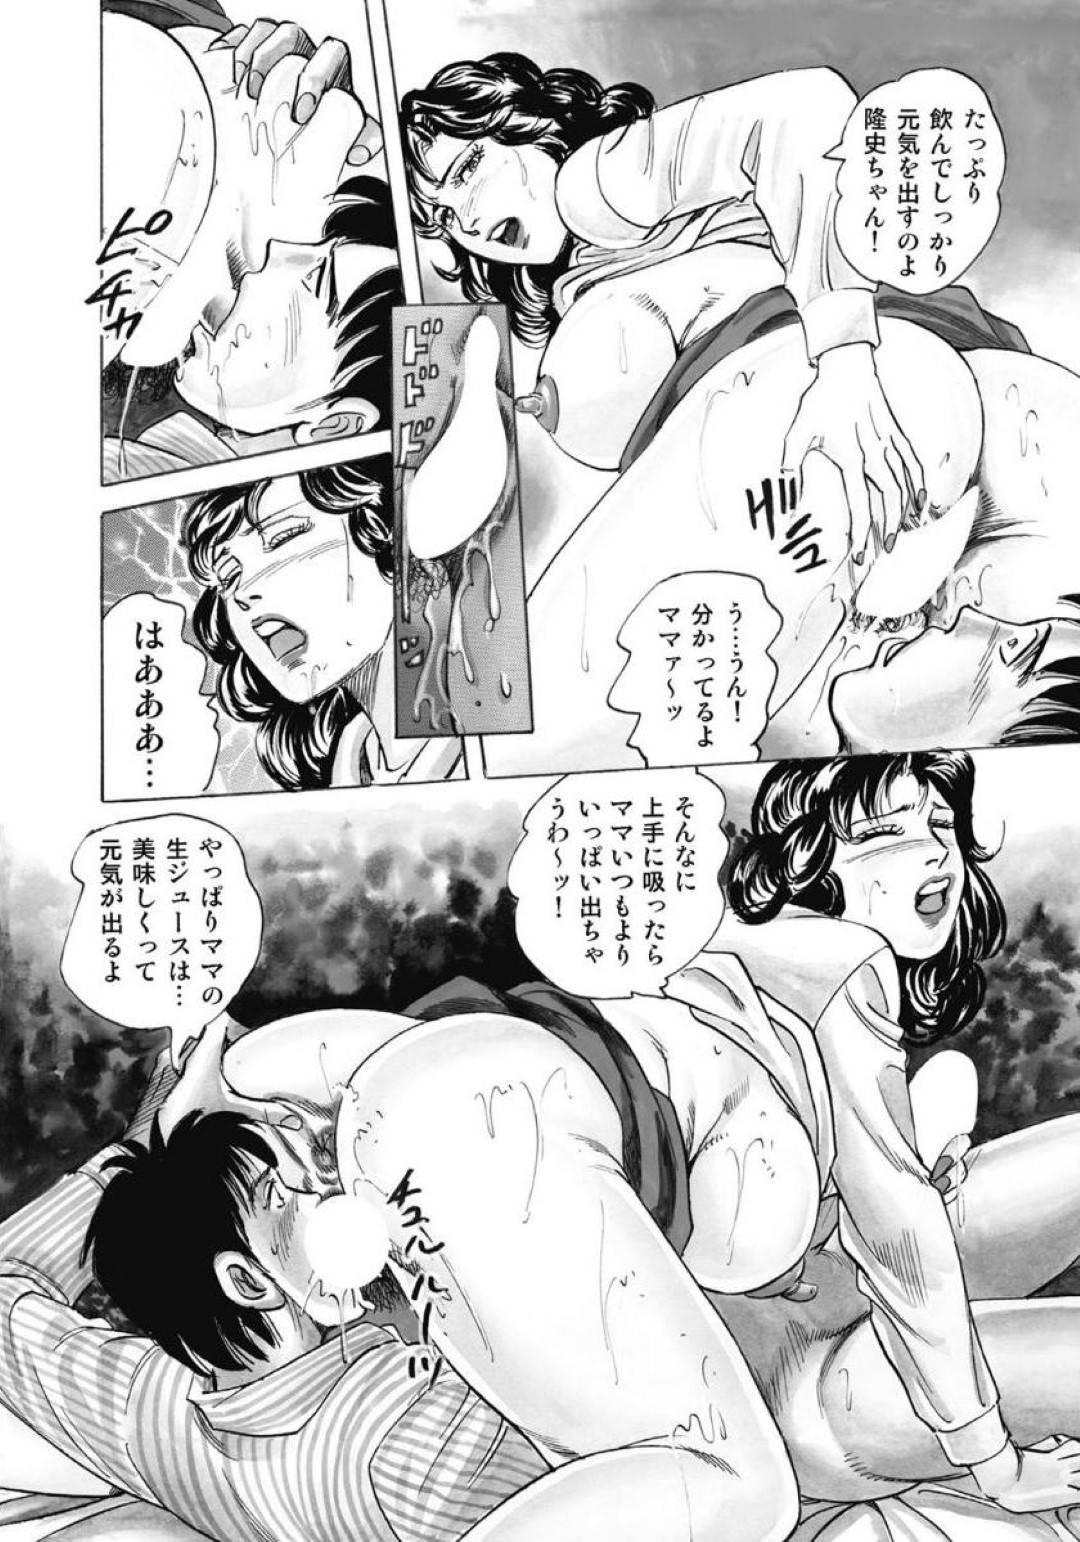 【エロ漫画】塾の成績が悪い息子とセックスしちゃうど変態なお母さん…クンニしたりフェラしたりバックの中出しセックスでイチャイチャしちゃう!【みずしま聖:熟女尻いけない中出し…】